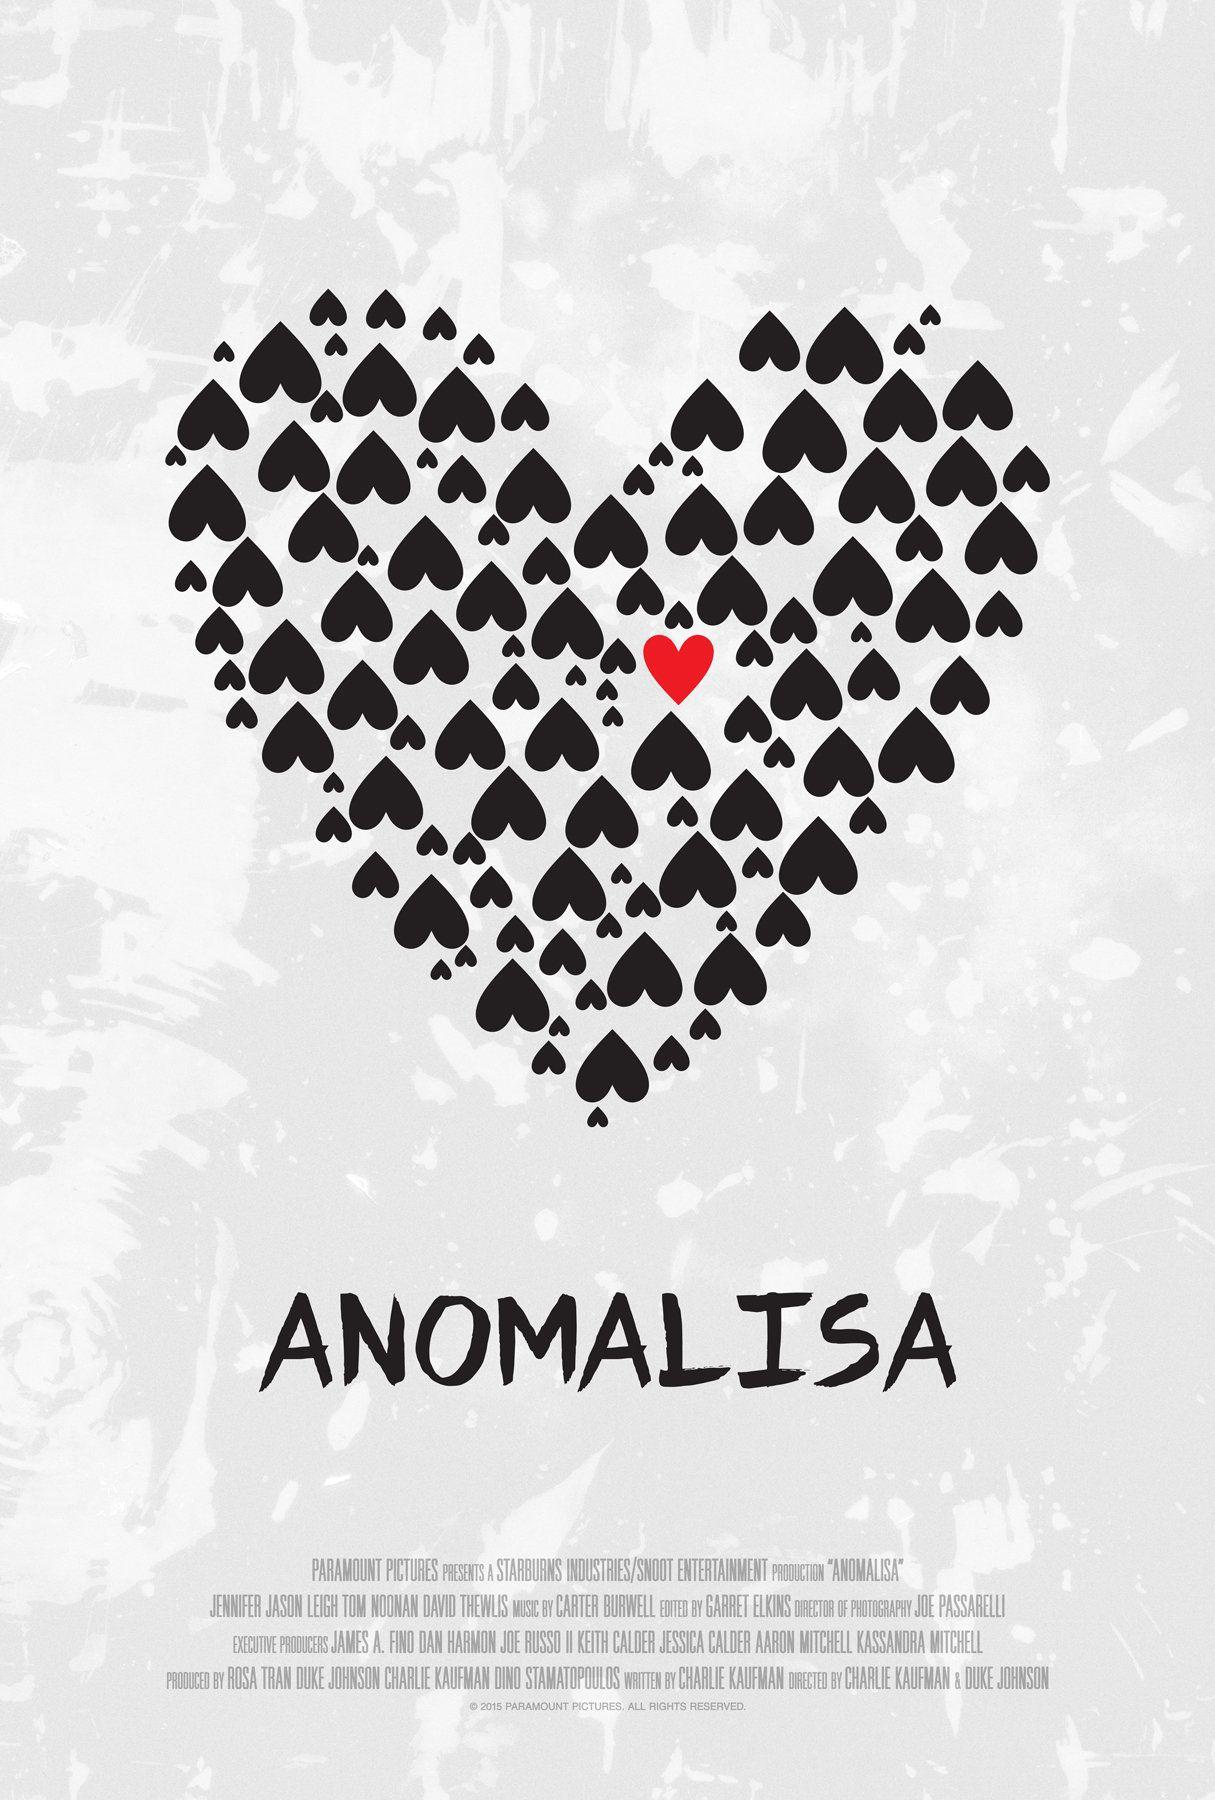 Anomalisa (2015) - Charlie Kaufman, Duke Johnson